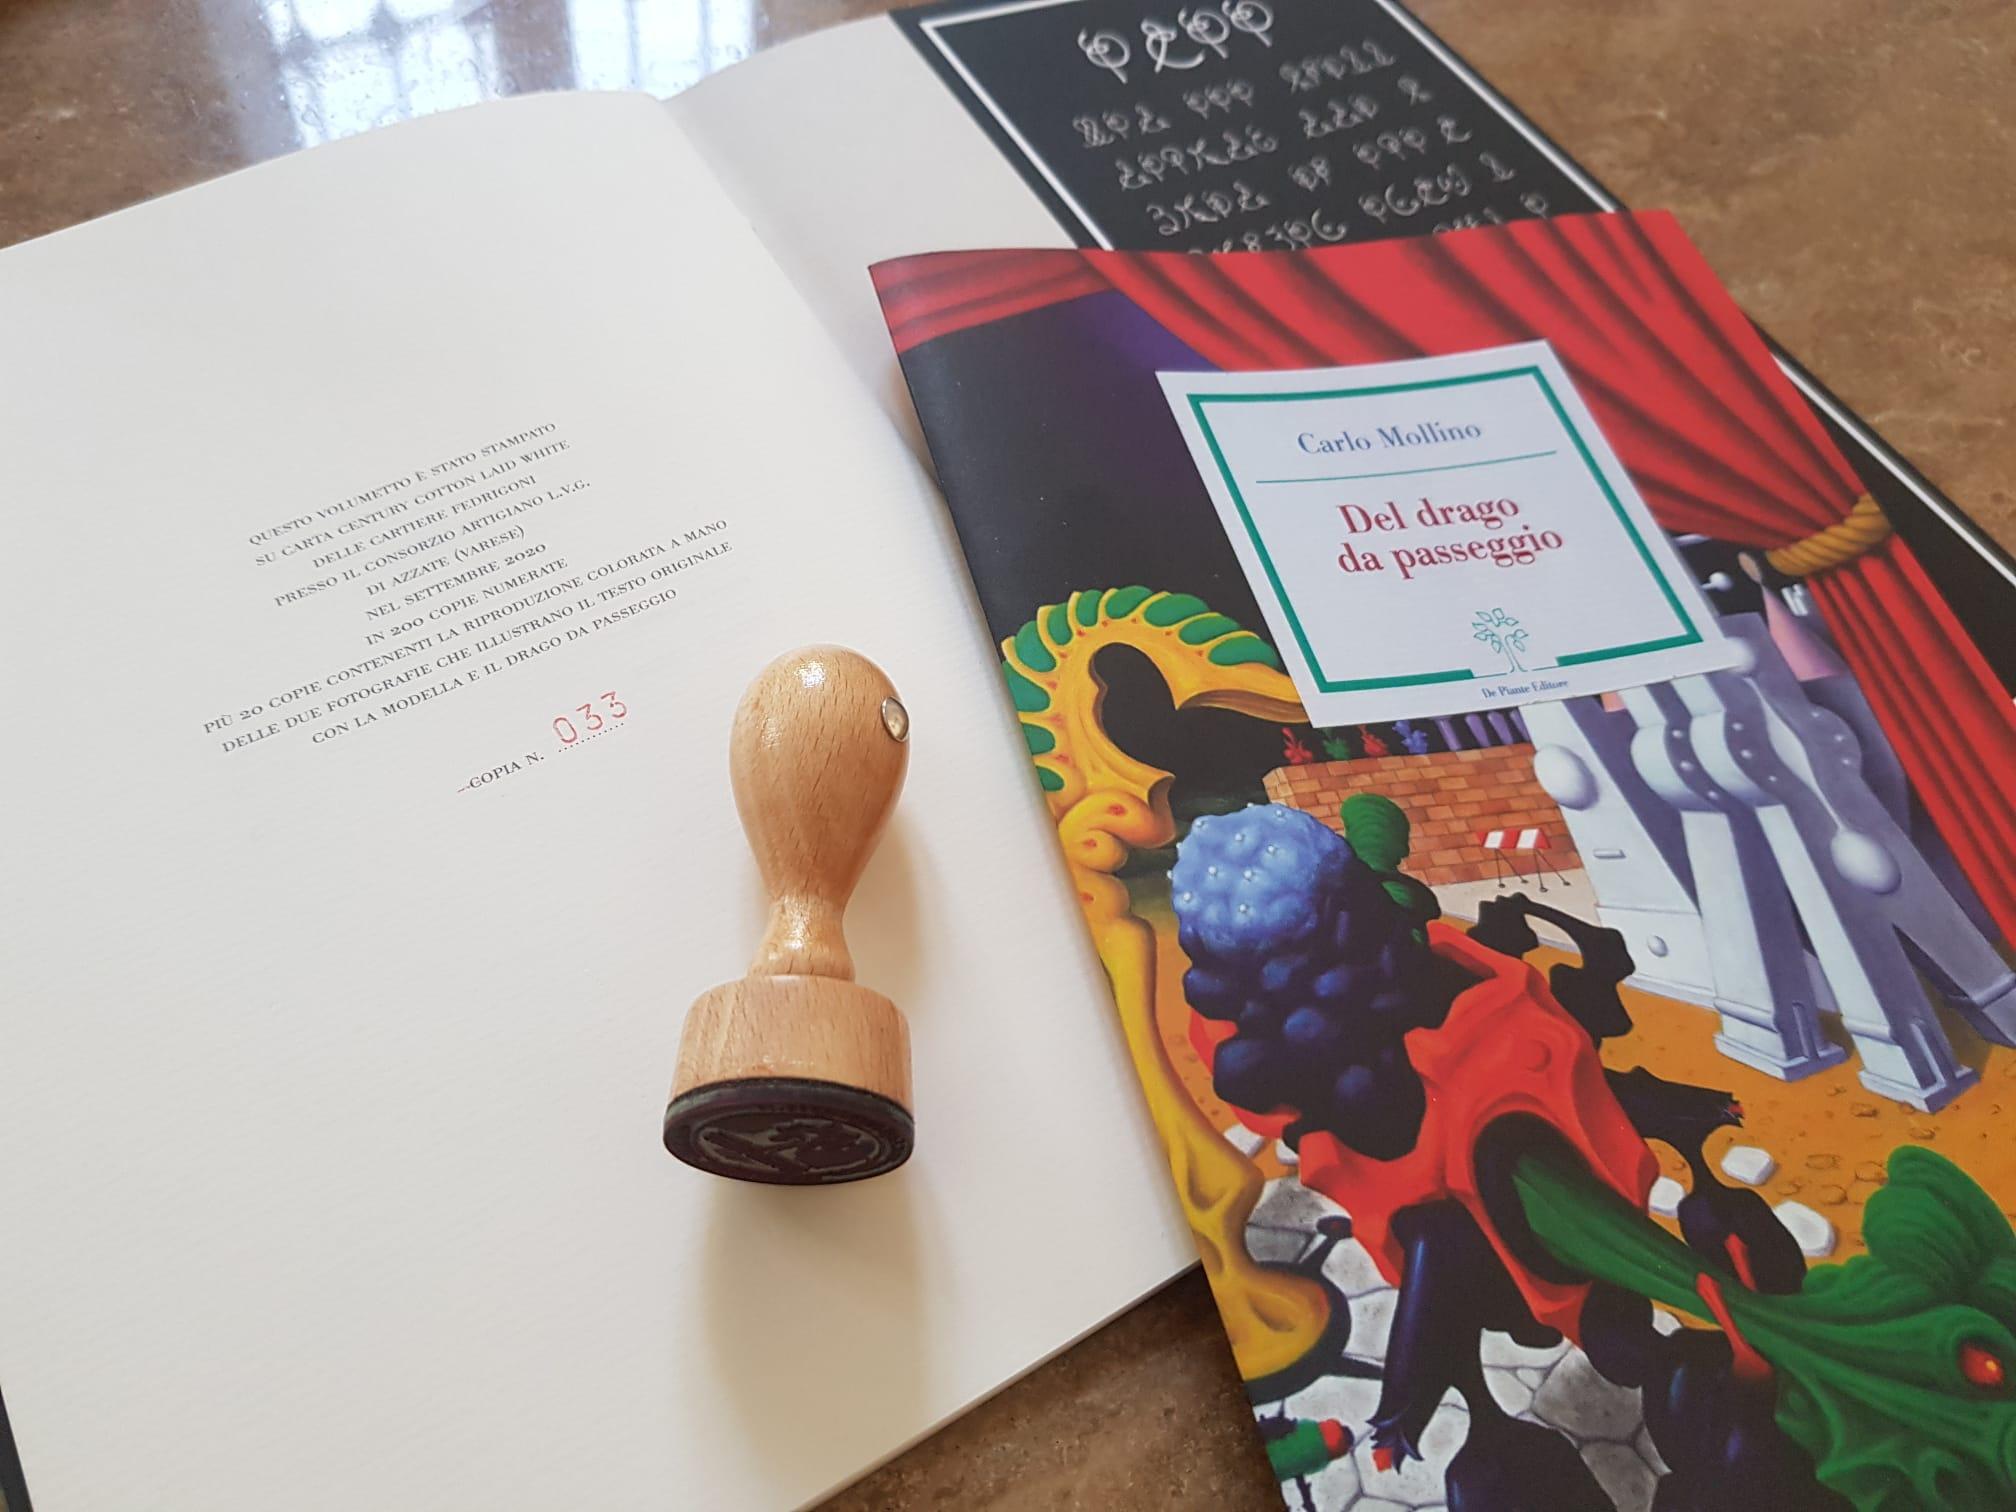 Il magico draghetto da passeggio di Carlo Mollino e un Piero Manzoni economista, due nuovi libri firmati De Piante